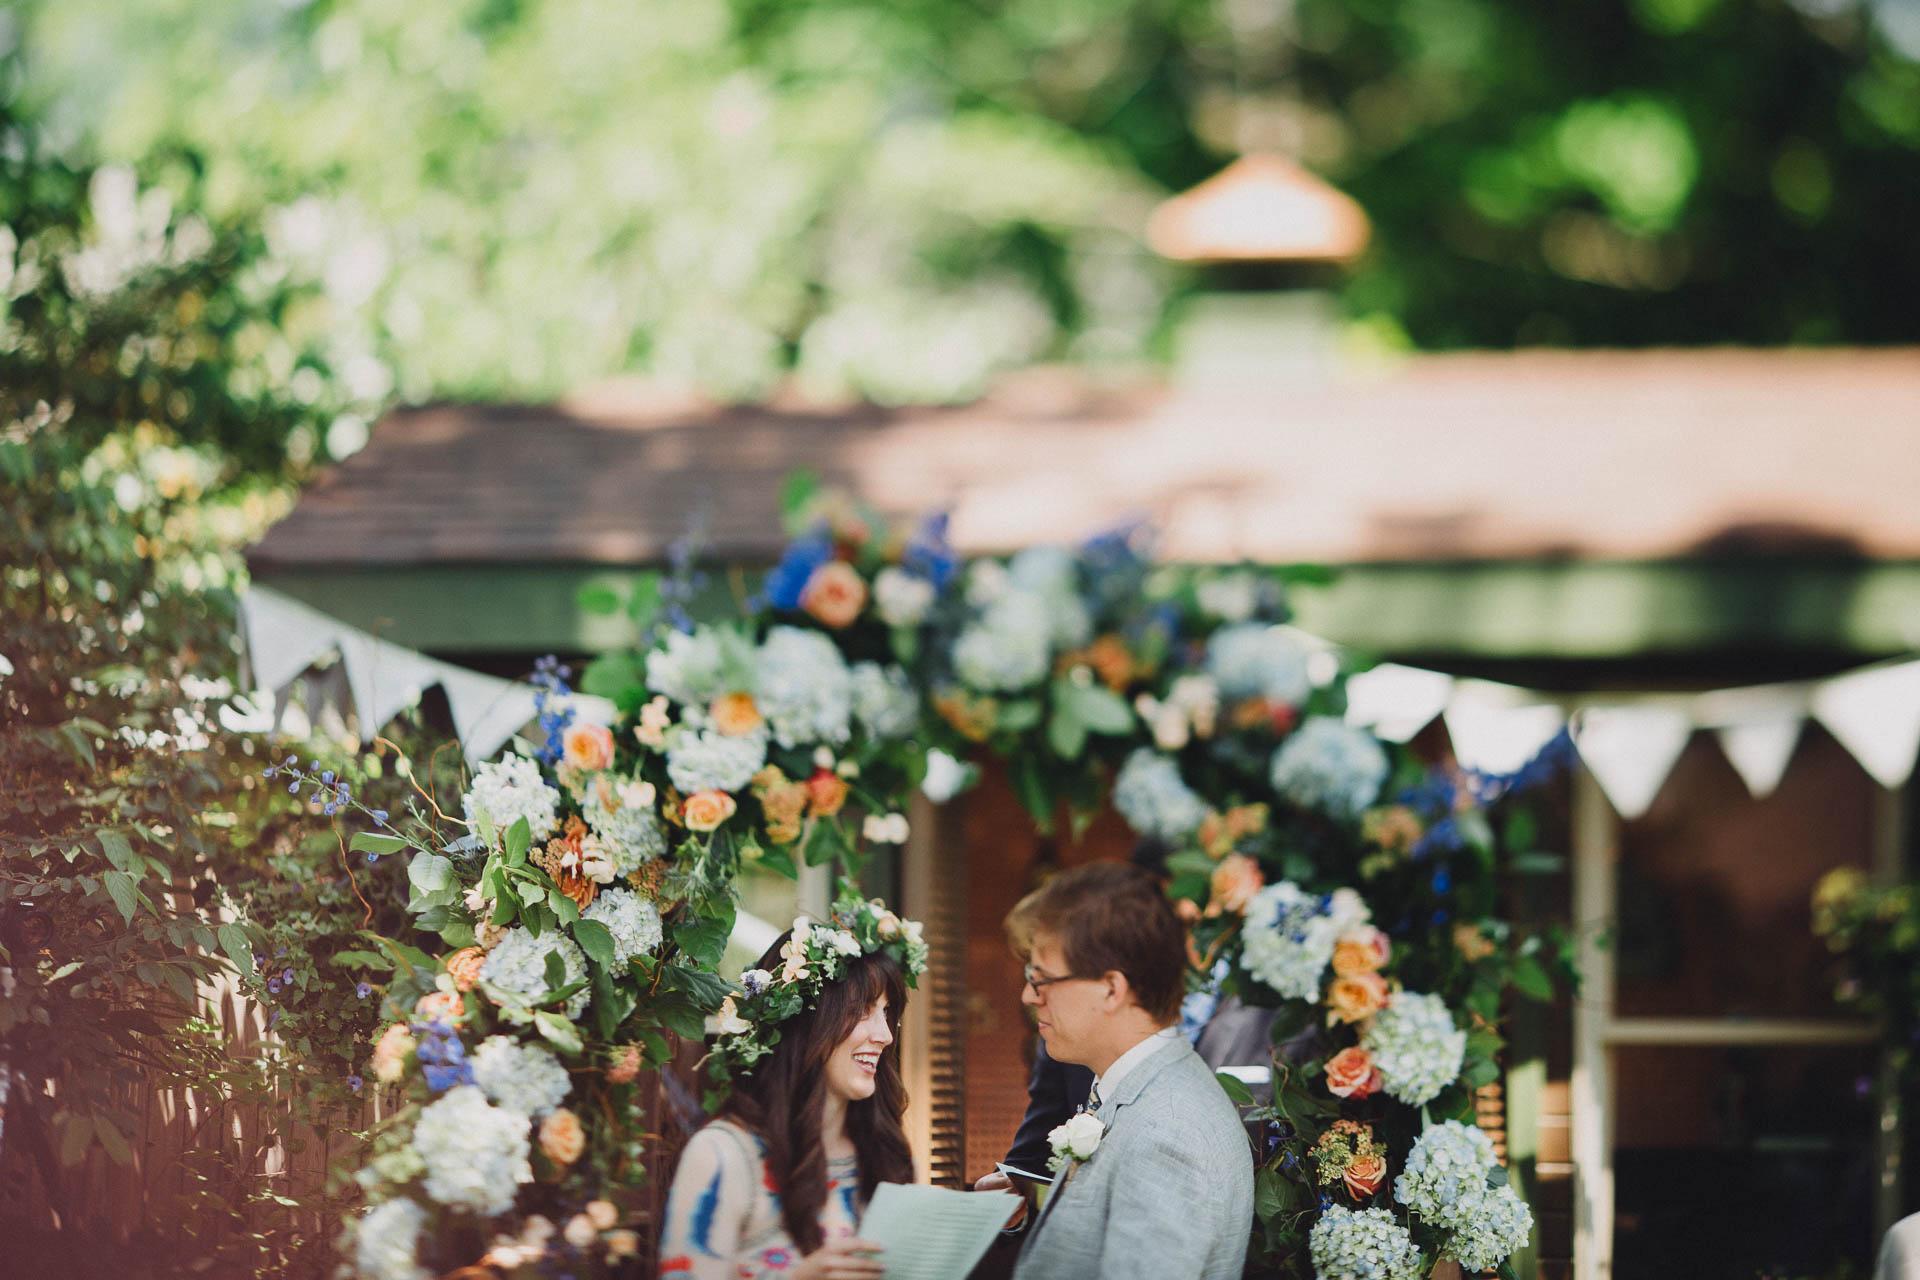 Megan-Paul-Ohio-English-Garden-Wedding-039@2x.jpg